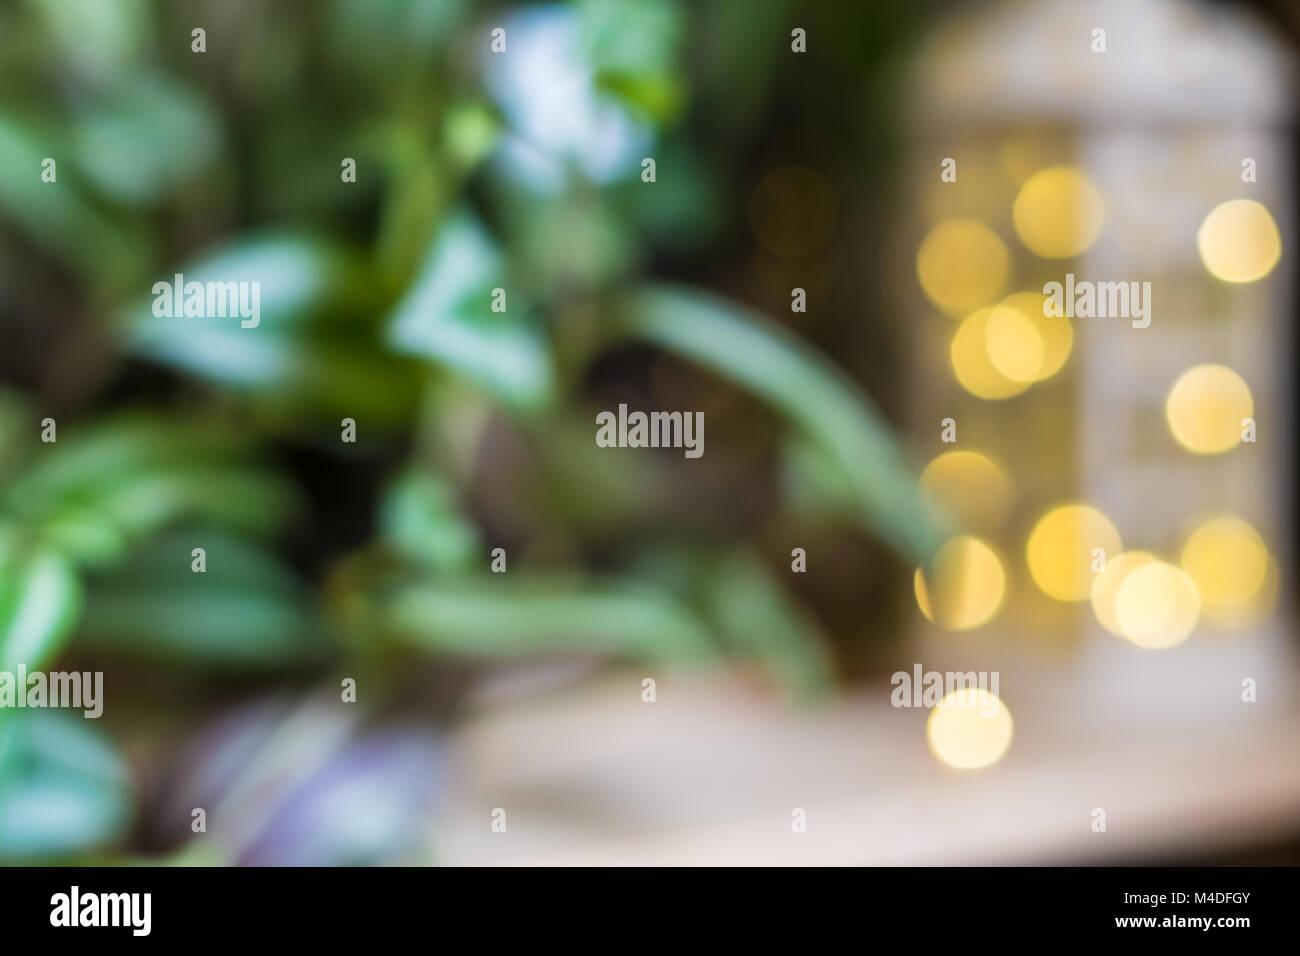 Latern lights unfocused - Stock Image